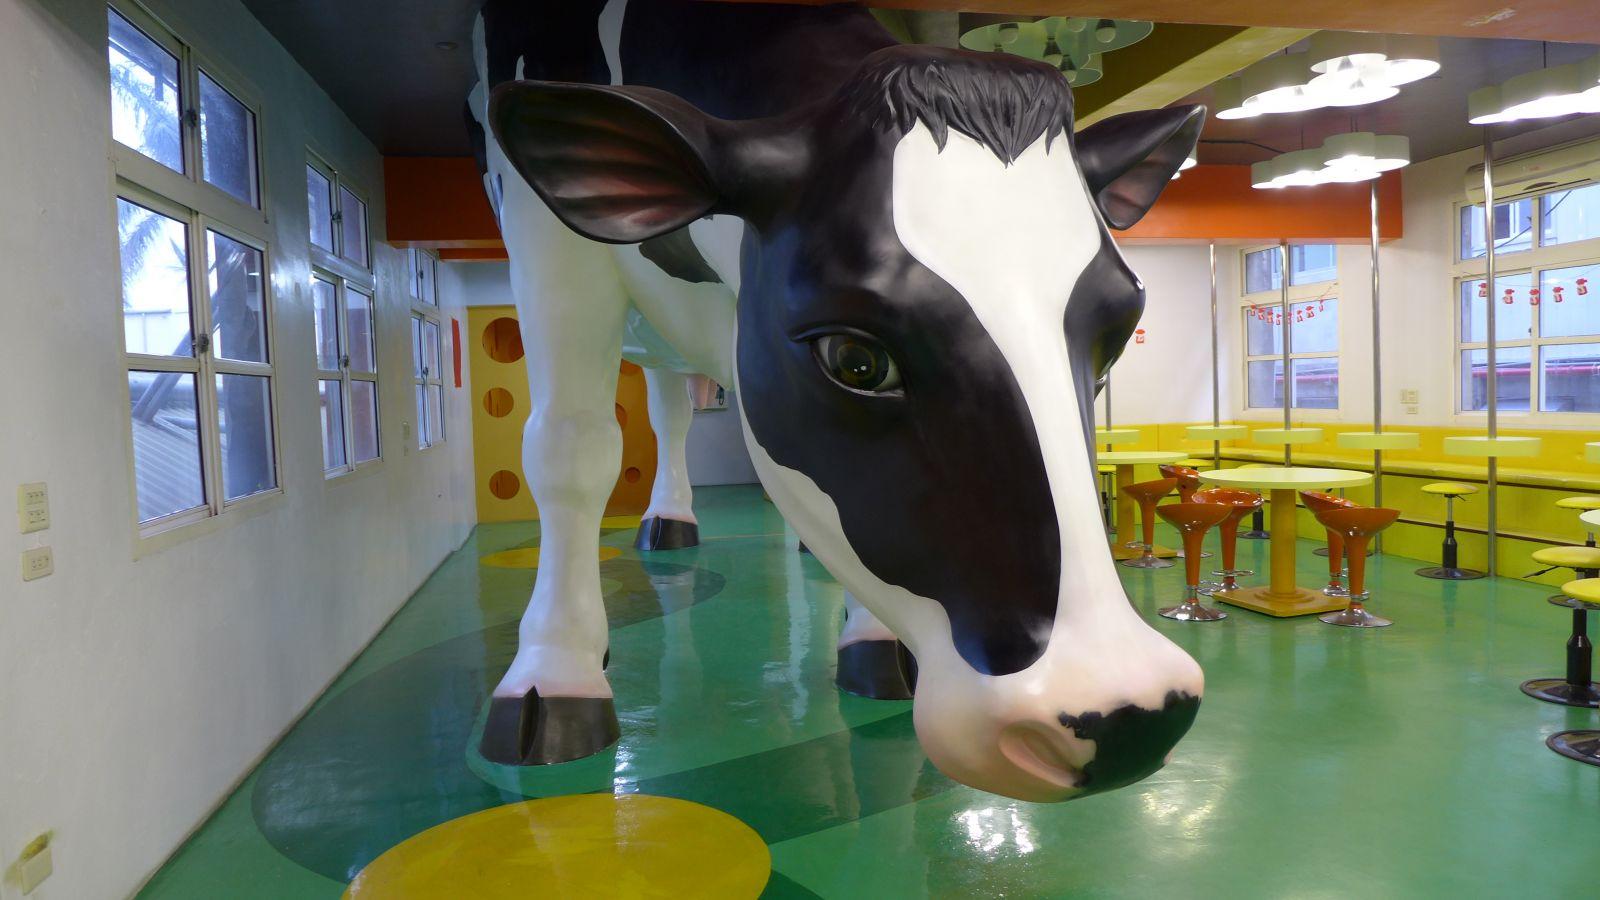 中港溪下游四鄉鎮美食遊憩產業,四方鮮乳酪故事館館內巨型牛隻雕塑。